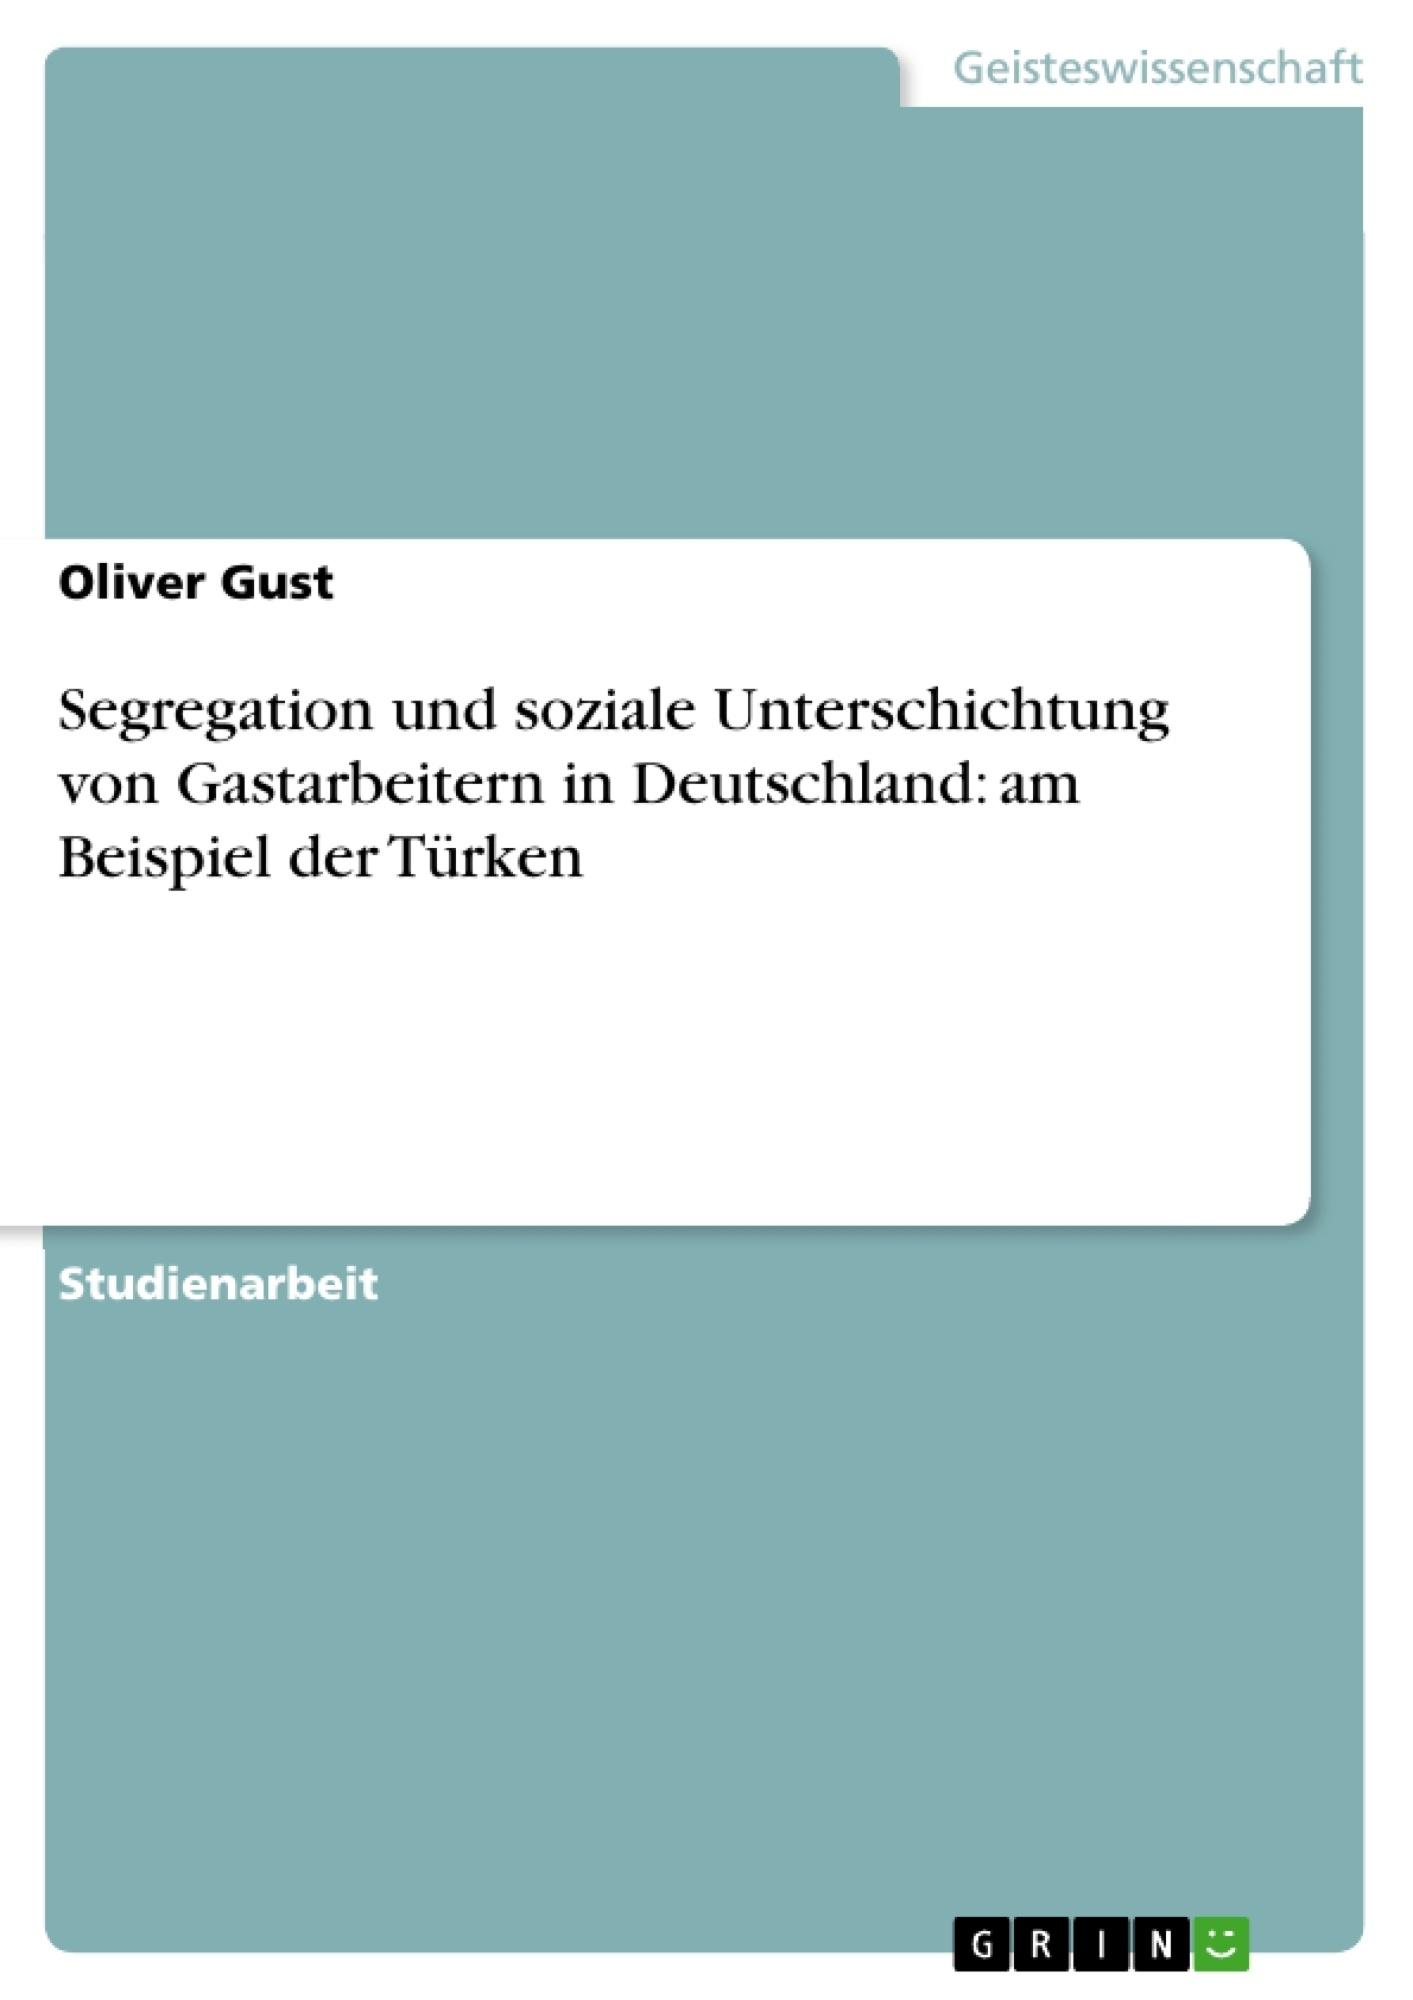 Titel: Segregation und soziale Unterschichtung von Gastarbeitern in Deutschland: am Beispiel der Türken